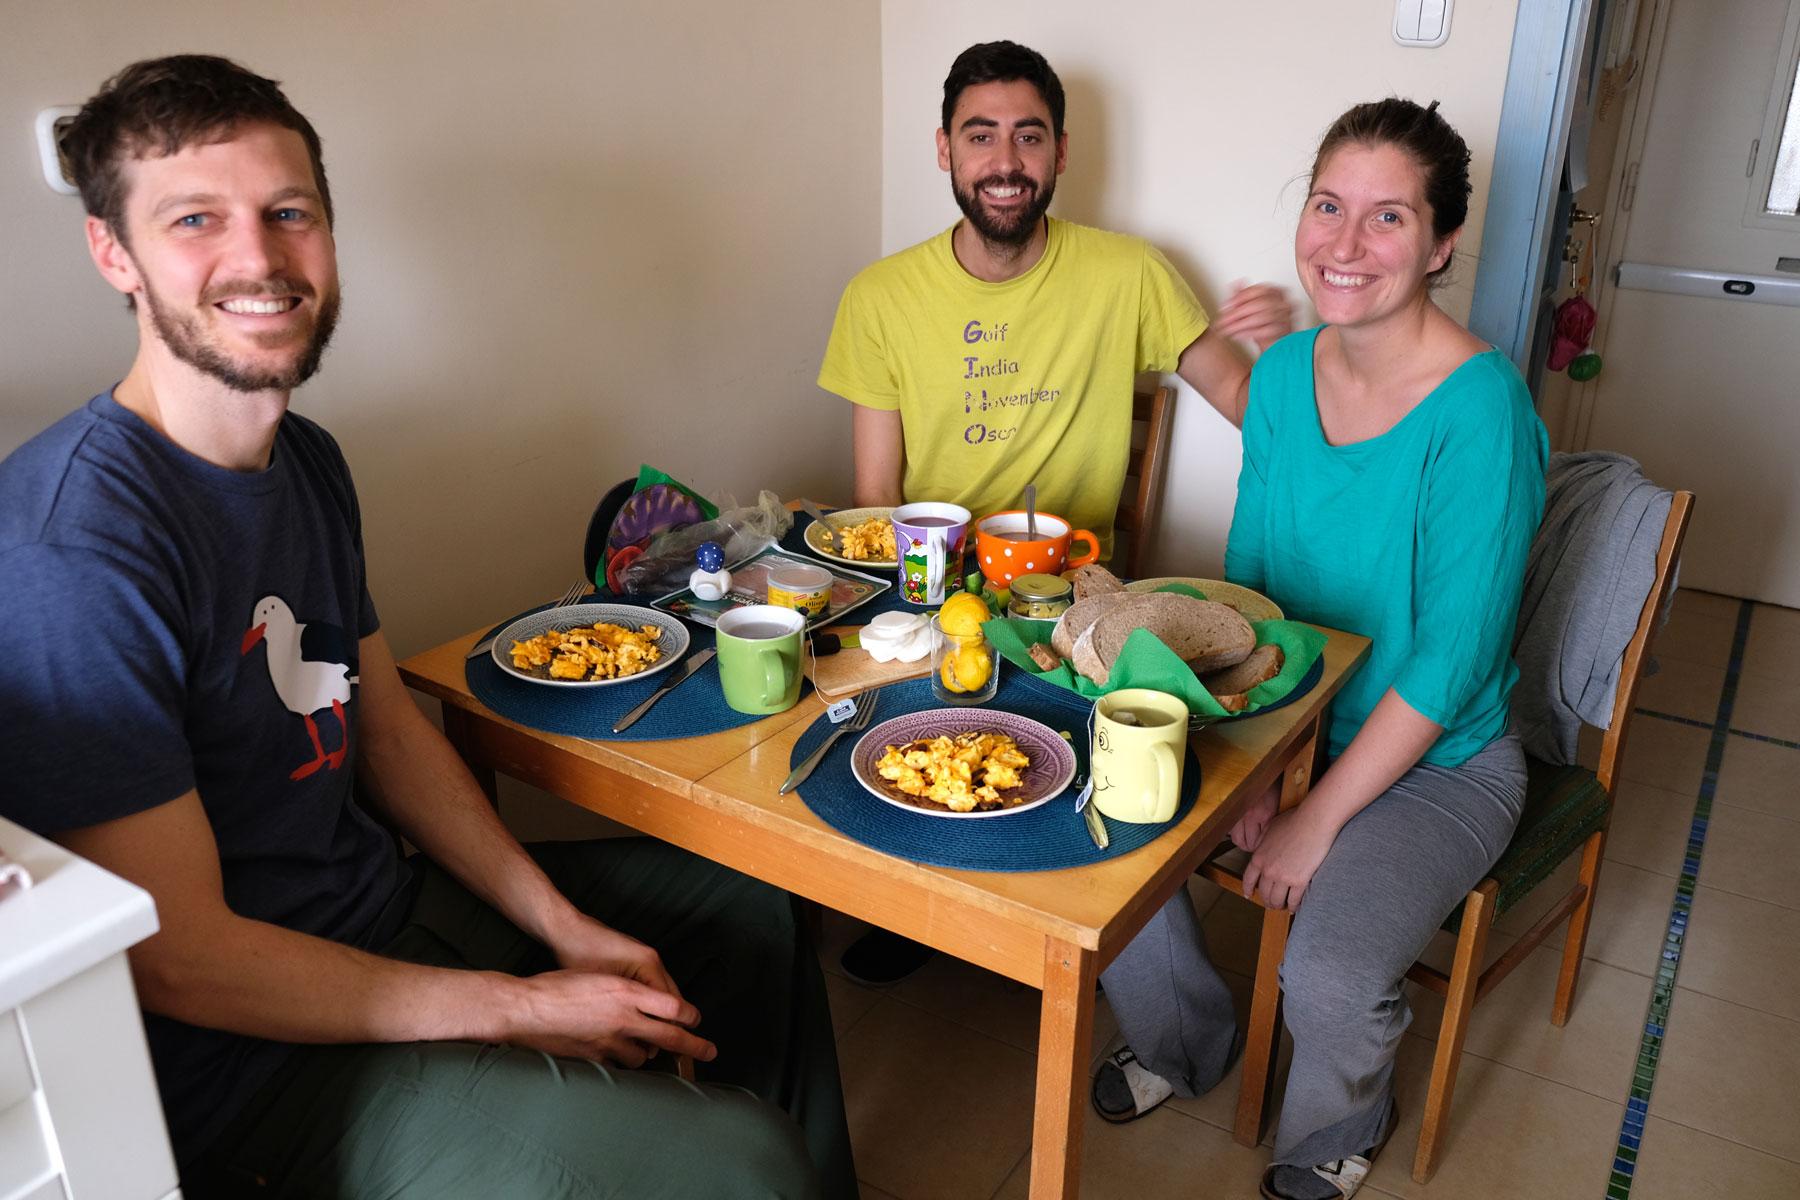 Sebastian sitzt mit unseren ungarischen Couchsurfing Gastgebern beim Frühstück.